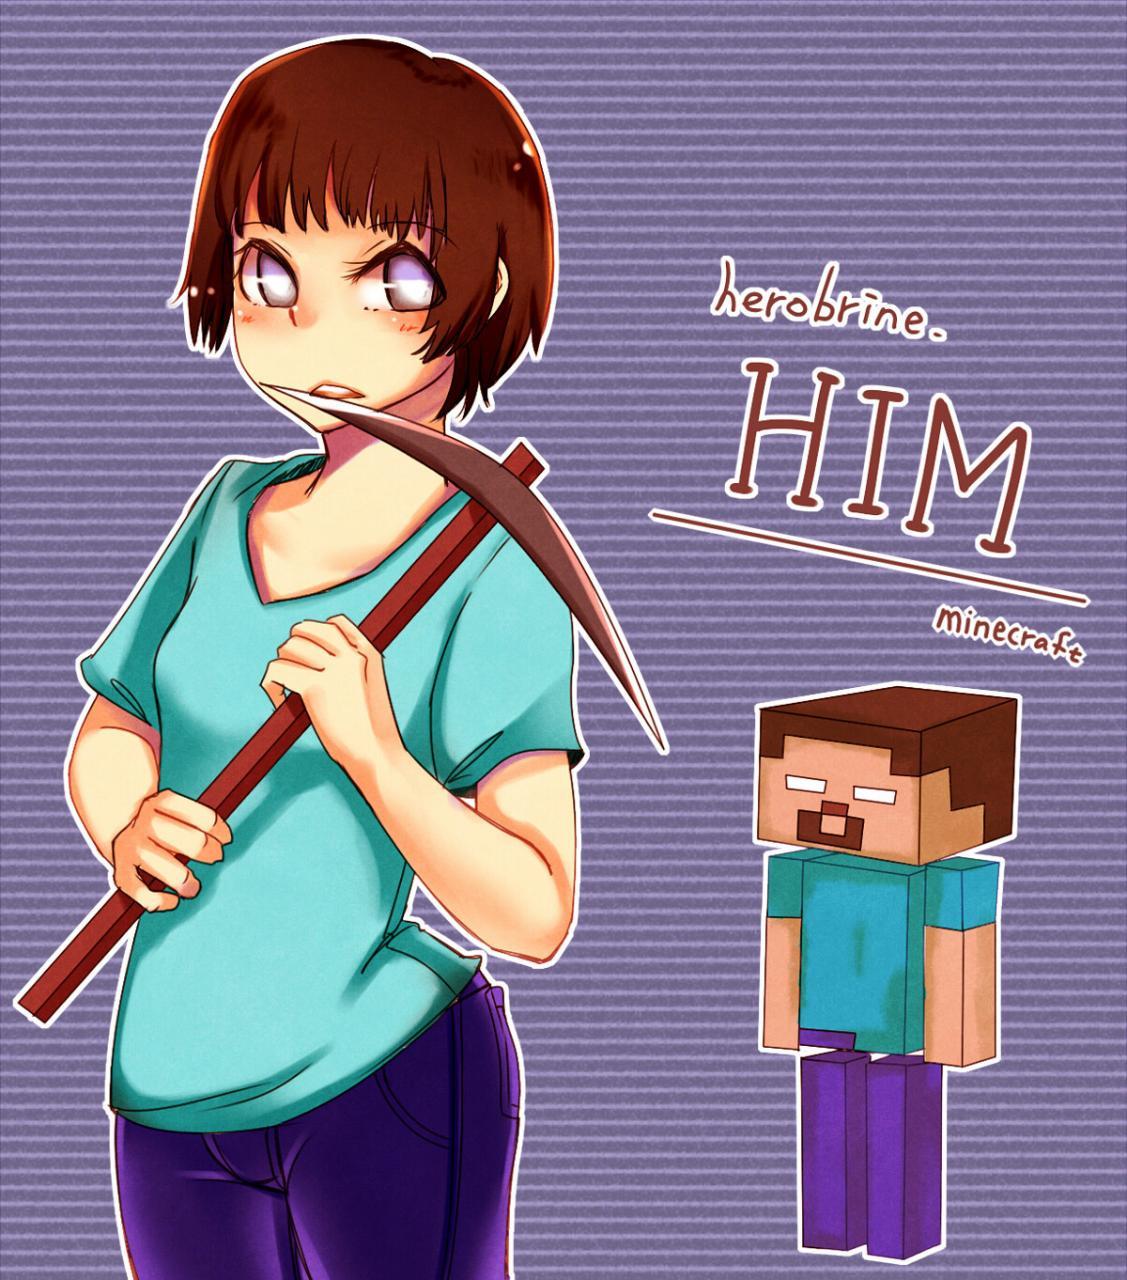 h3r0 g rl herobrine girl minecraft blog